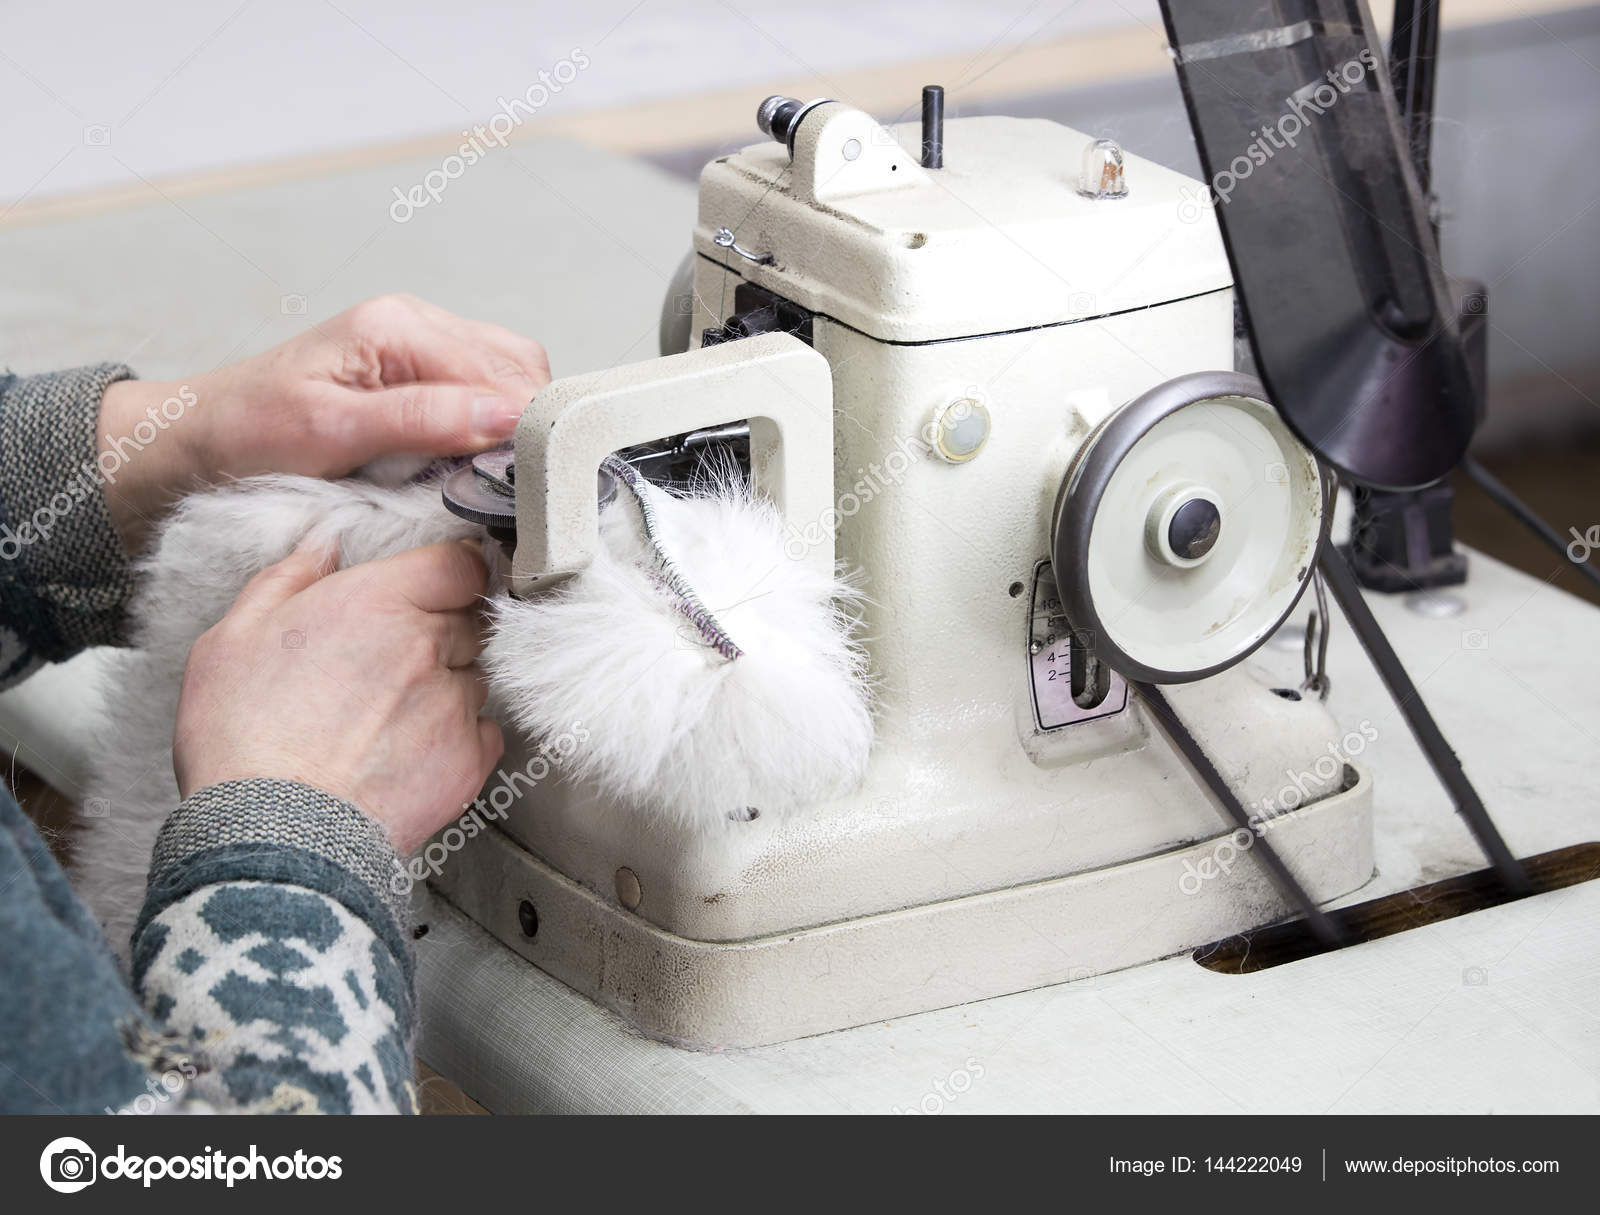 flujo de trabajo y patrones de costura de piel — Fotos de Stock ...